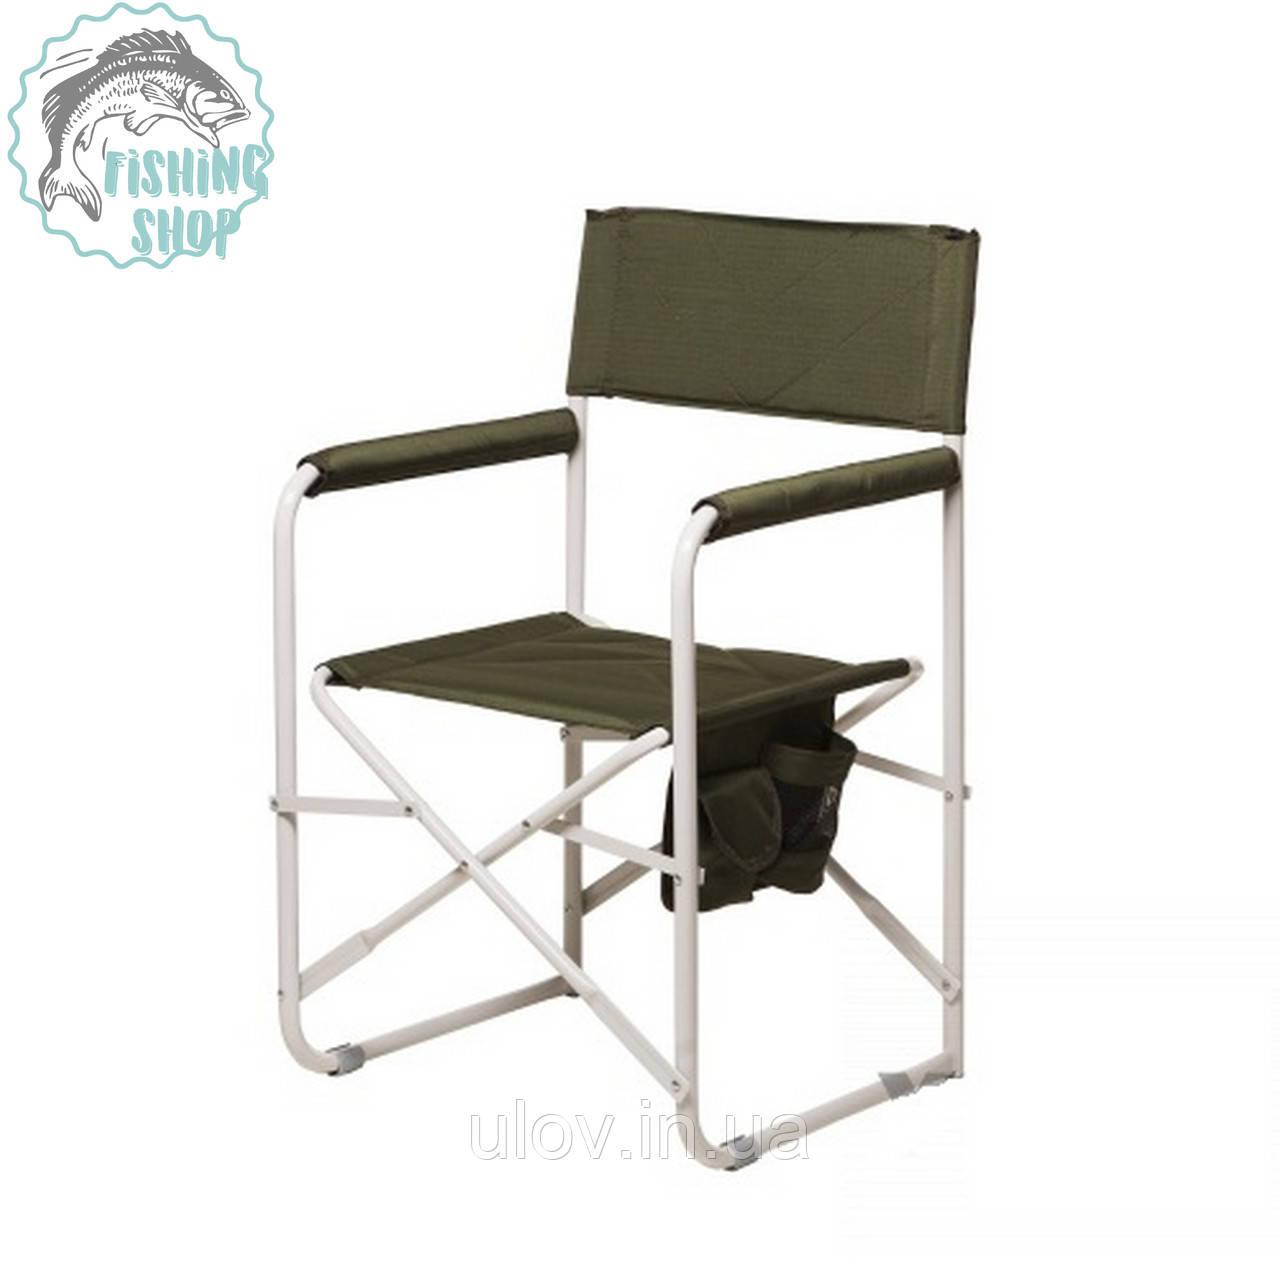 Кресло складное Режиссерский без полки (Хаки)